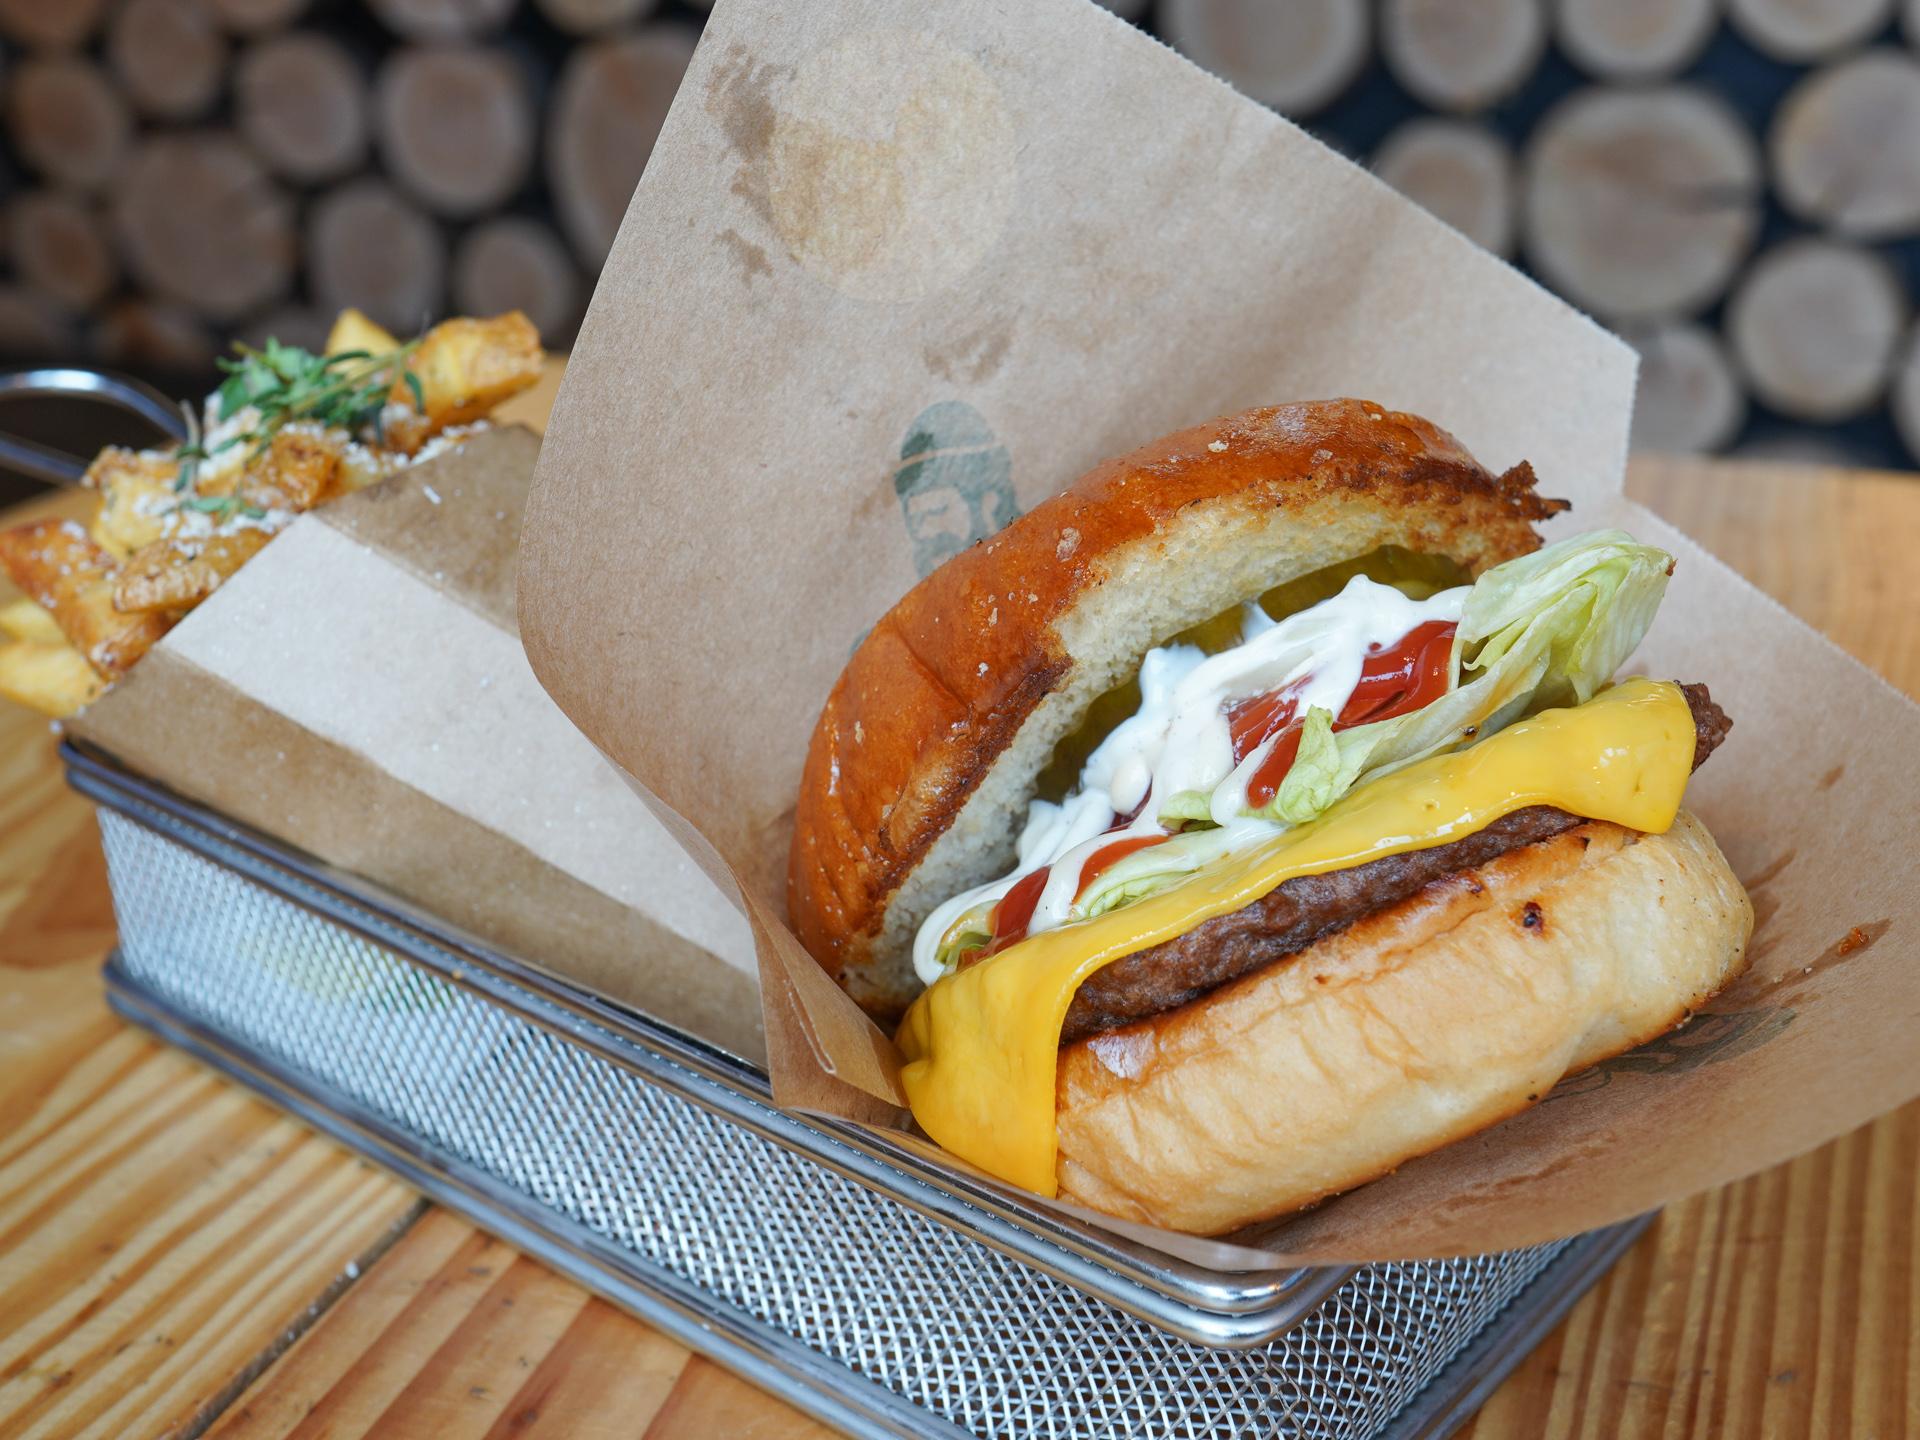 Madanmeldelse: Burgerkongen i Aarhus kan endnu